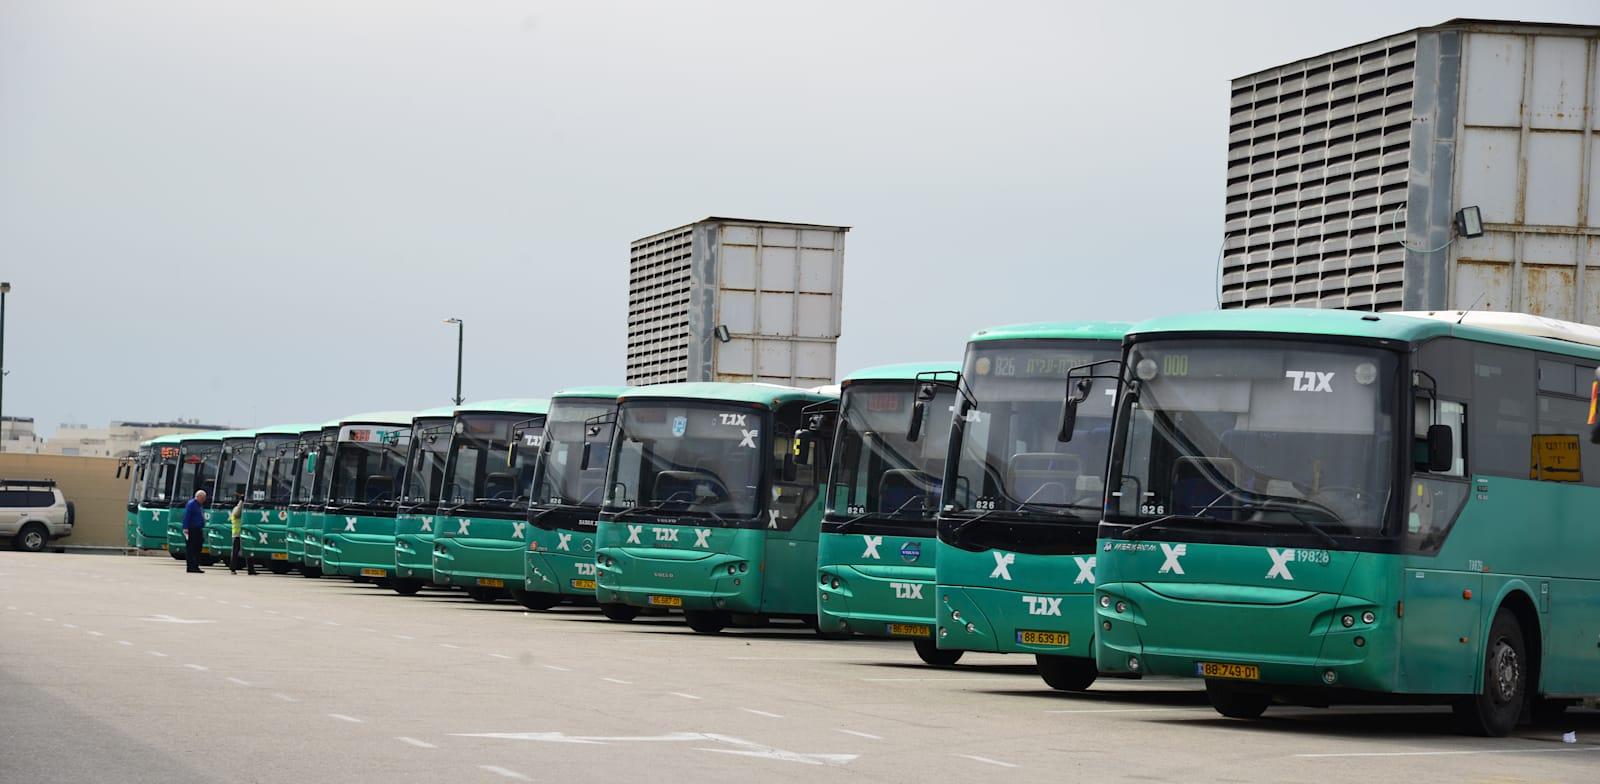 ספקי התחבורה הציבורית תלויים לחלוטין בחסדי הרגולטור